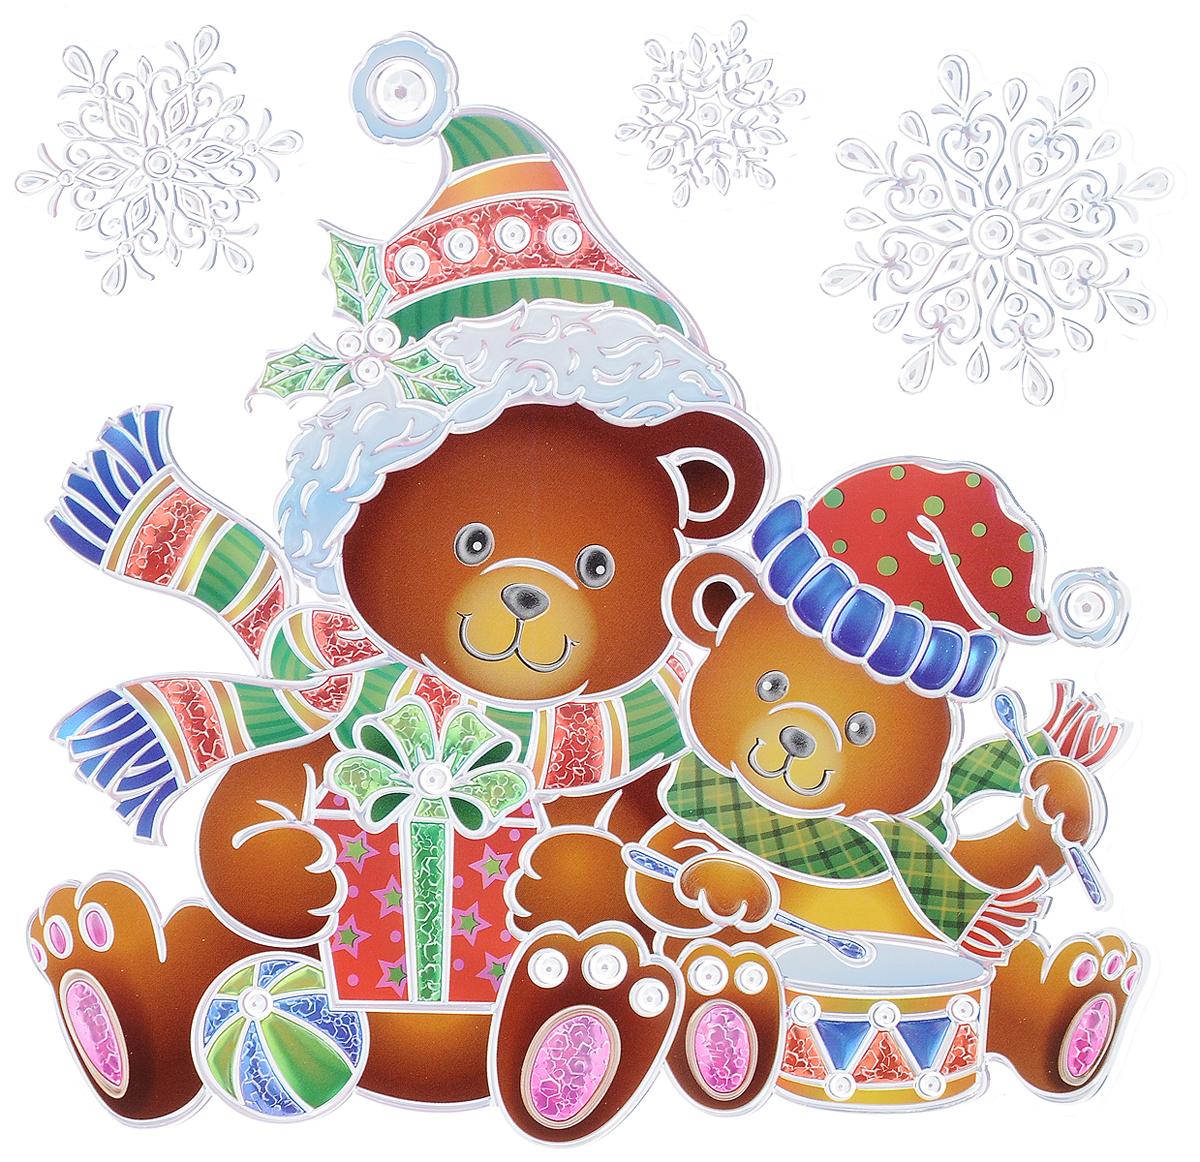 Украшение новогоднее оконное Winter Wings Мишки, 4 шт19201Новогоднее оконное украшение Winter Wings Мишки поможет украсить дом к предстоящим праздникам. Наклейки изготовлены из ПВХ.С помощью этих украшений вы сможете оживить интерьер по своему вкусу, наклеить их на окно, на зеркало или на дверь.Новогодние украшения всегда несут в себе волшебство и красоту праздника. Создайте в своем доме атмосферу тепла, веселья и радости, украшая его всей семьей. Размер листа: 18 х 24 см. Количество наклеек на листе: 4 шт. Размер самой большой наклейки: 17 х 16 см. Размер самой маленькой наклейки: 3 х 3 см.